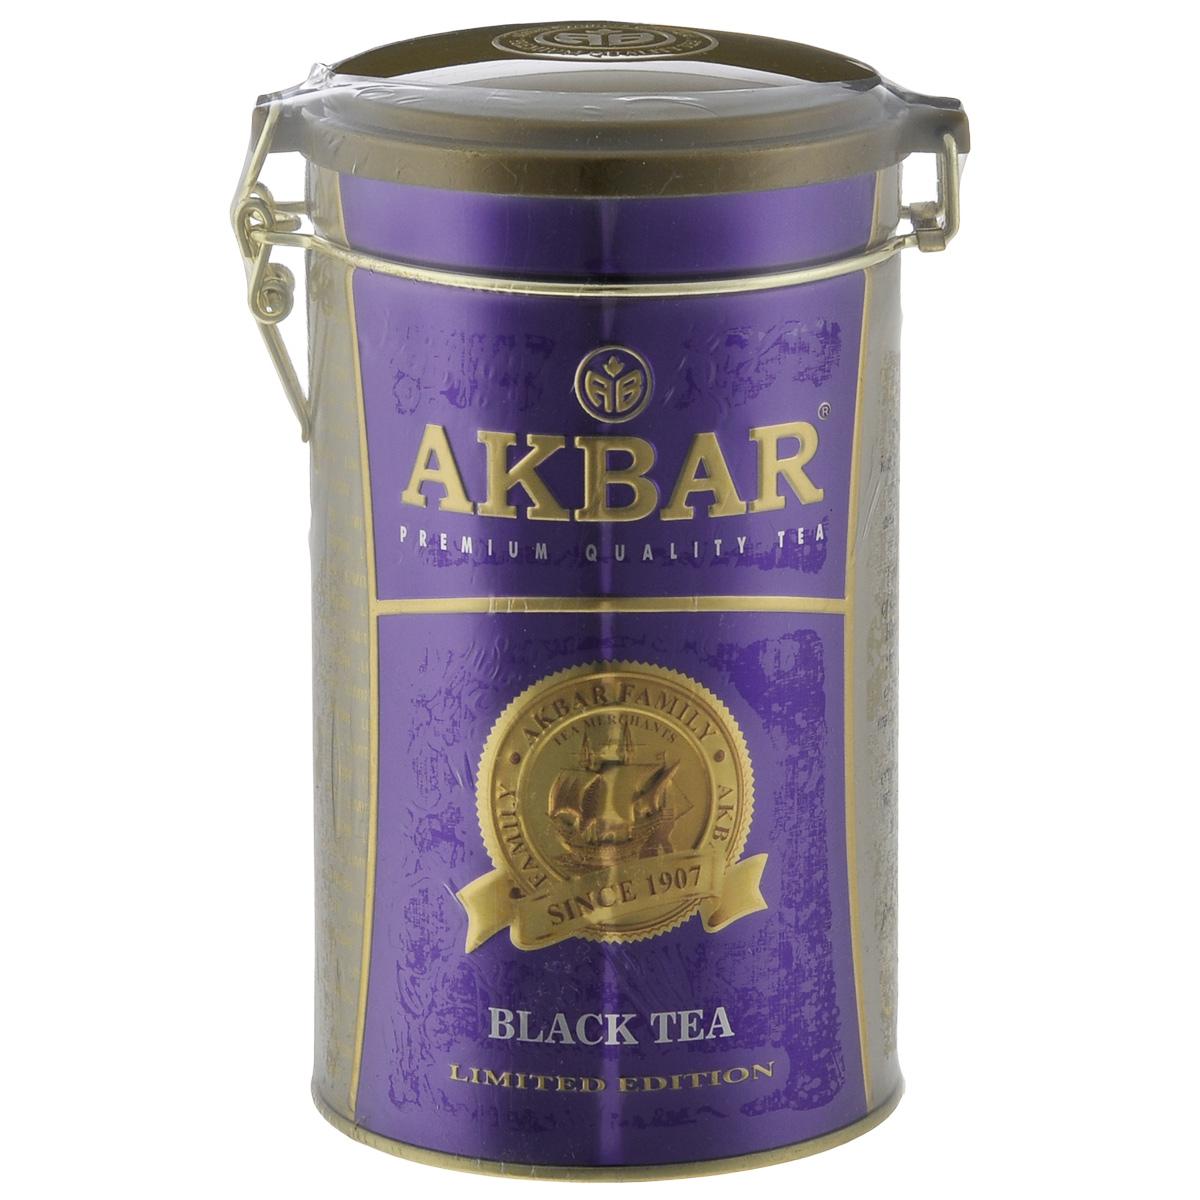 Akbar 100 Years черный листовой чай, 300 г1042028Крупнолистовой, обладающий неповторимым вкусом, душистый чай Akbar 100 Years Purple выращивается без использования химических удобрений всего лишь на нескольких элитных равнинных чайных плантациях, расположенных в цейлонских провинциях Ruhuna и Sabaragamuwa, на высоте не более 1500 футов над уровнем моря.